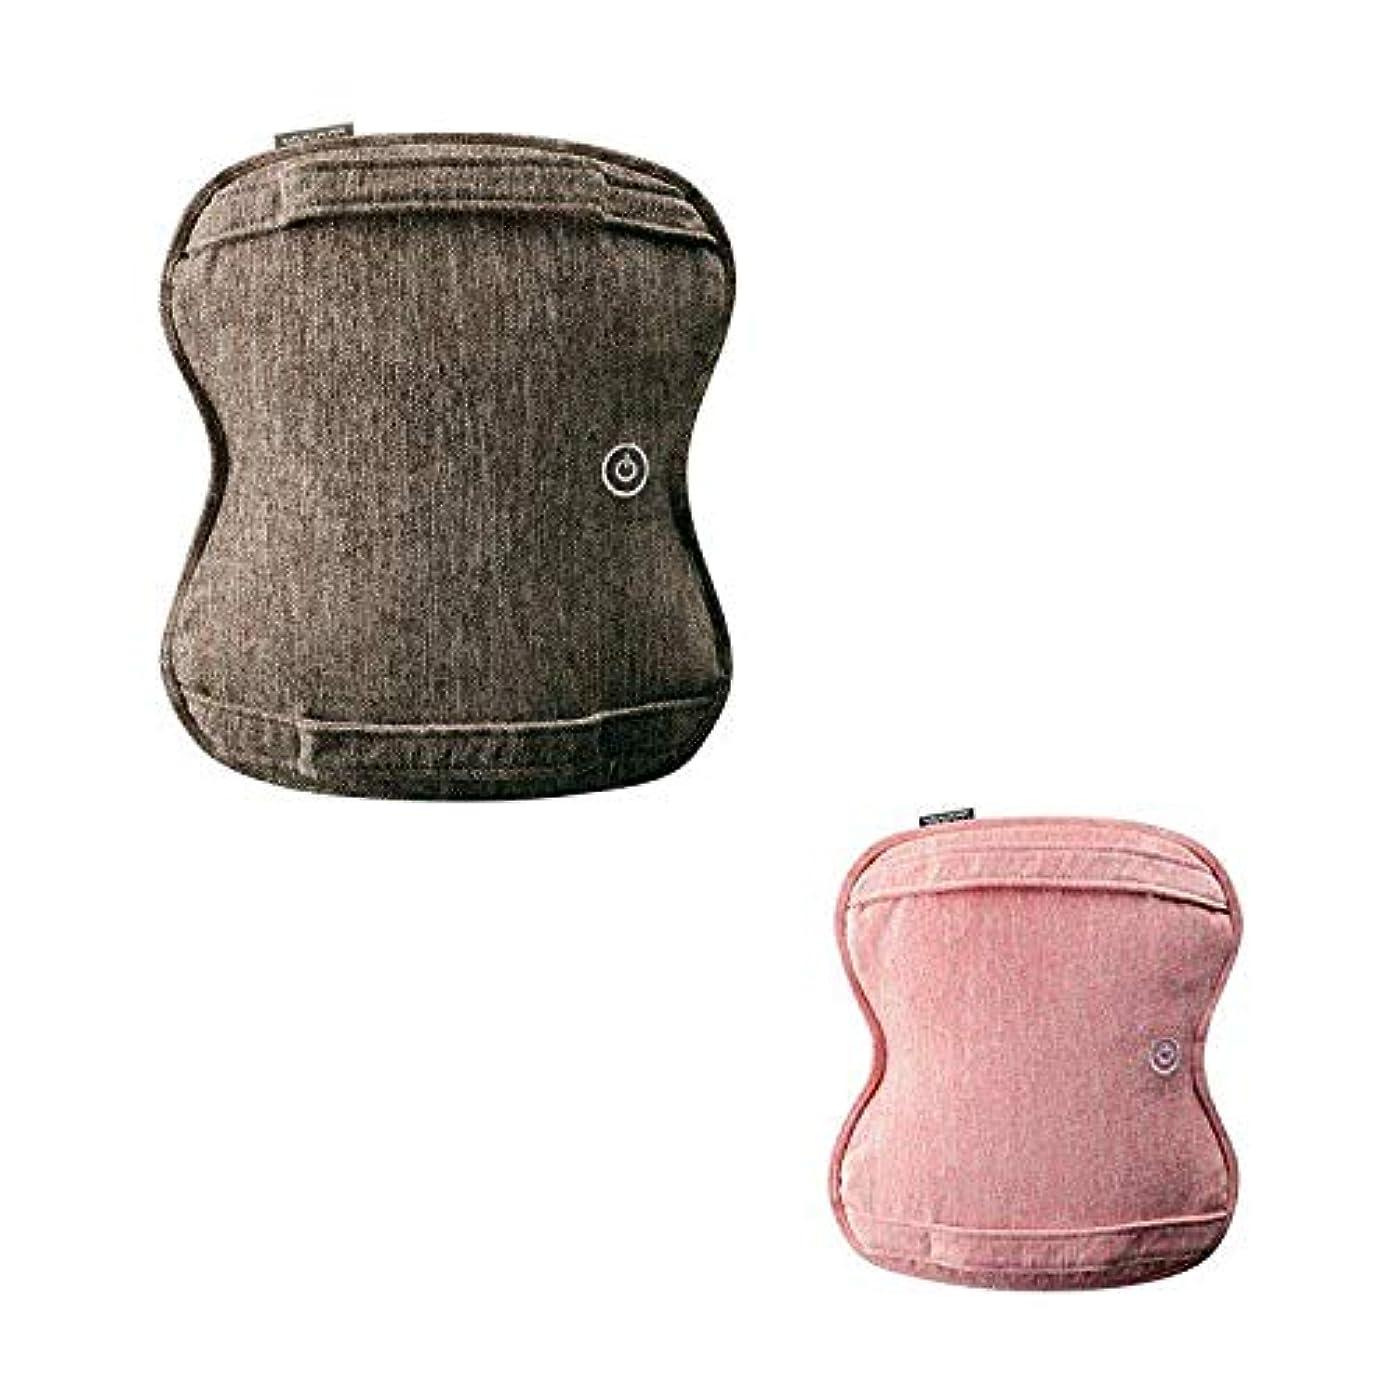 賠償飛行場シャワールルド AX-HCL258 ダブルもみ マッサージクッション マッサージ器 洗える 健康器具 腰痛 肩 首 プレゼント アテックス ATEX ランキング (ピンク(pk))